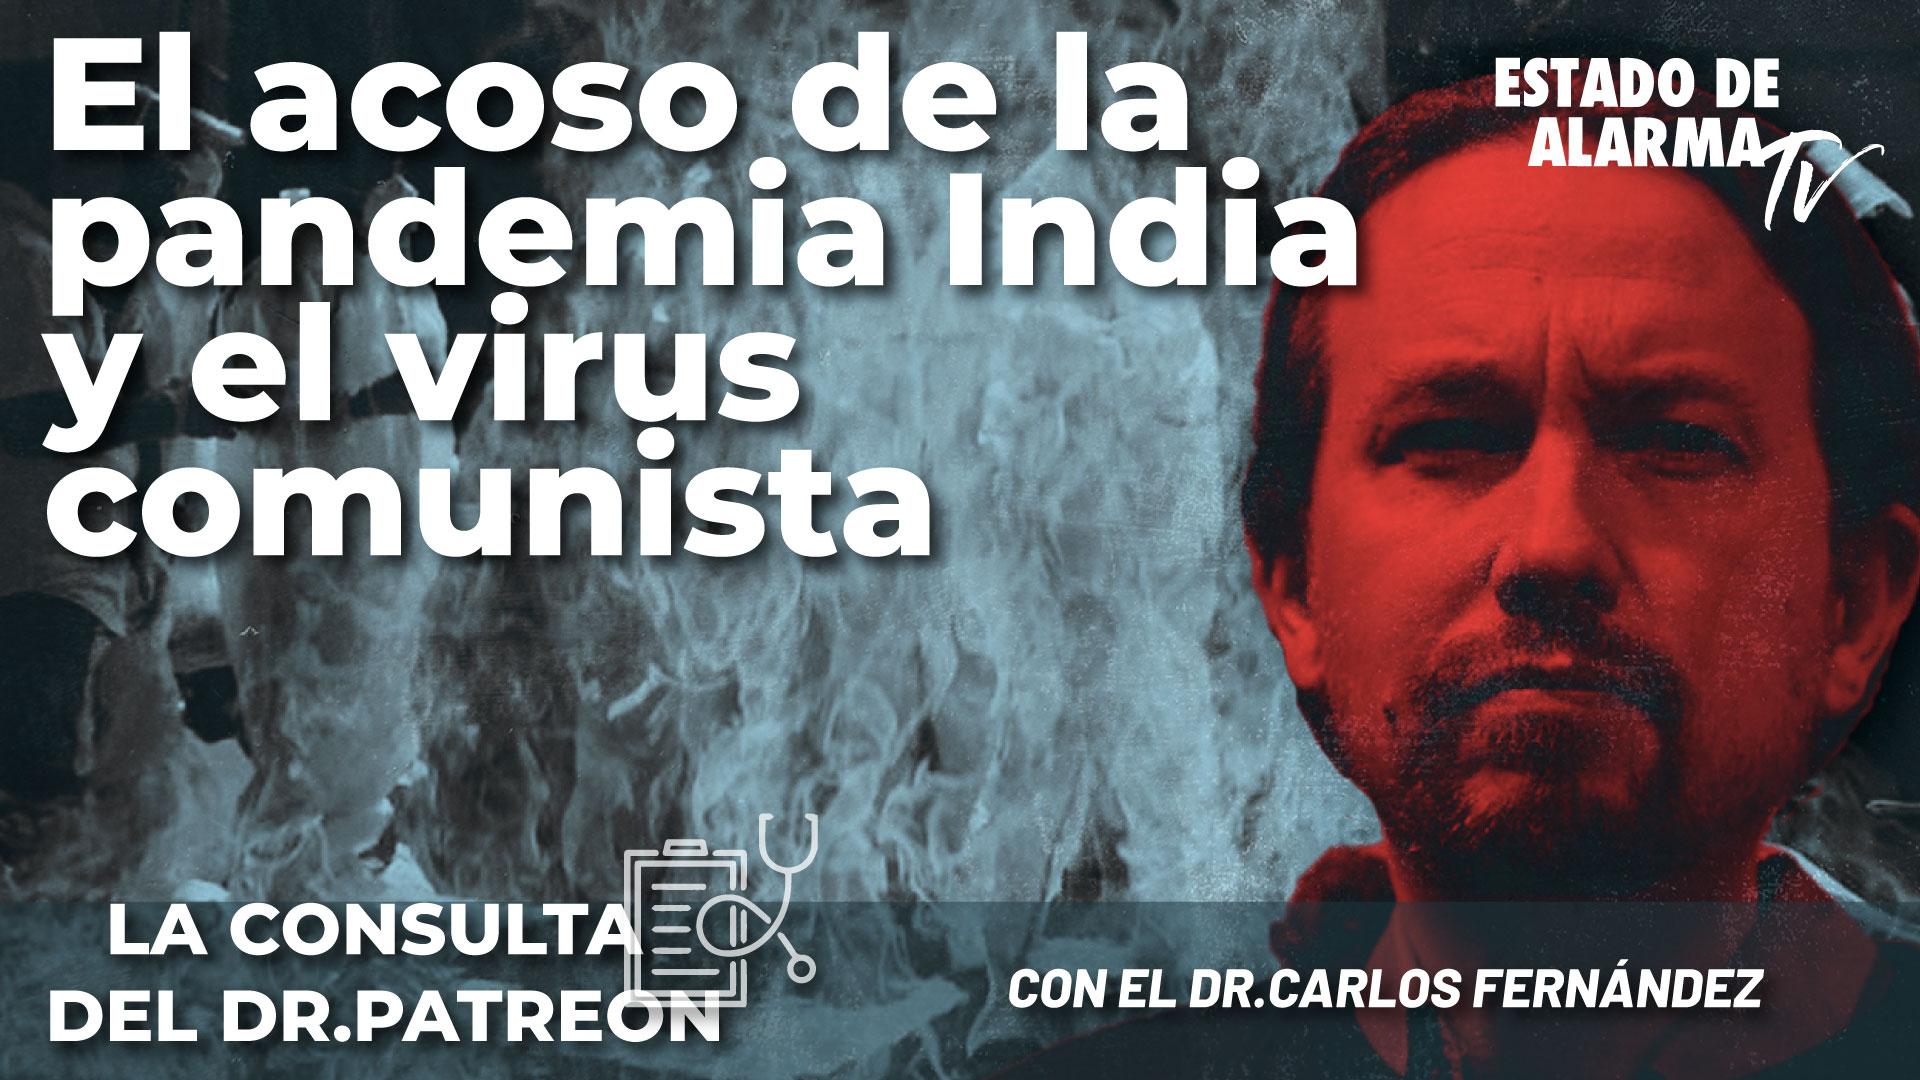 La Consulta del Dr. Patreon : El acoso de la pandemia India y el virus comunista; Con el Dr. Carlos Fernández